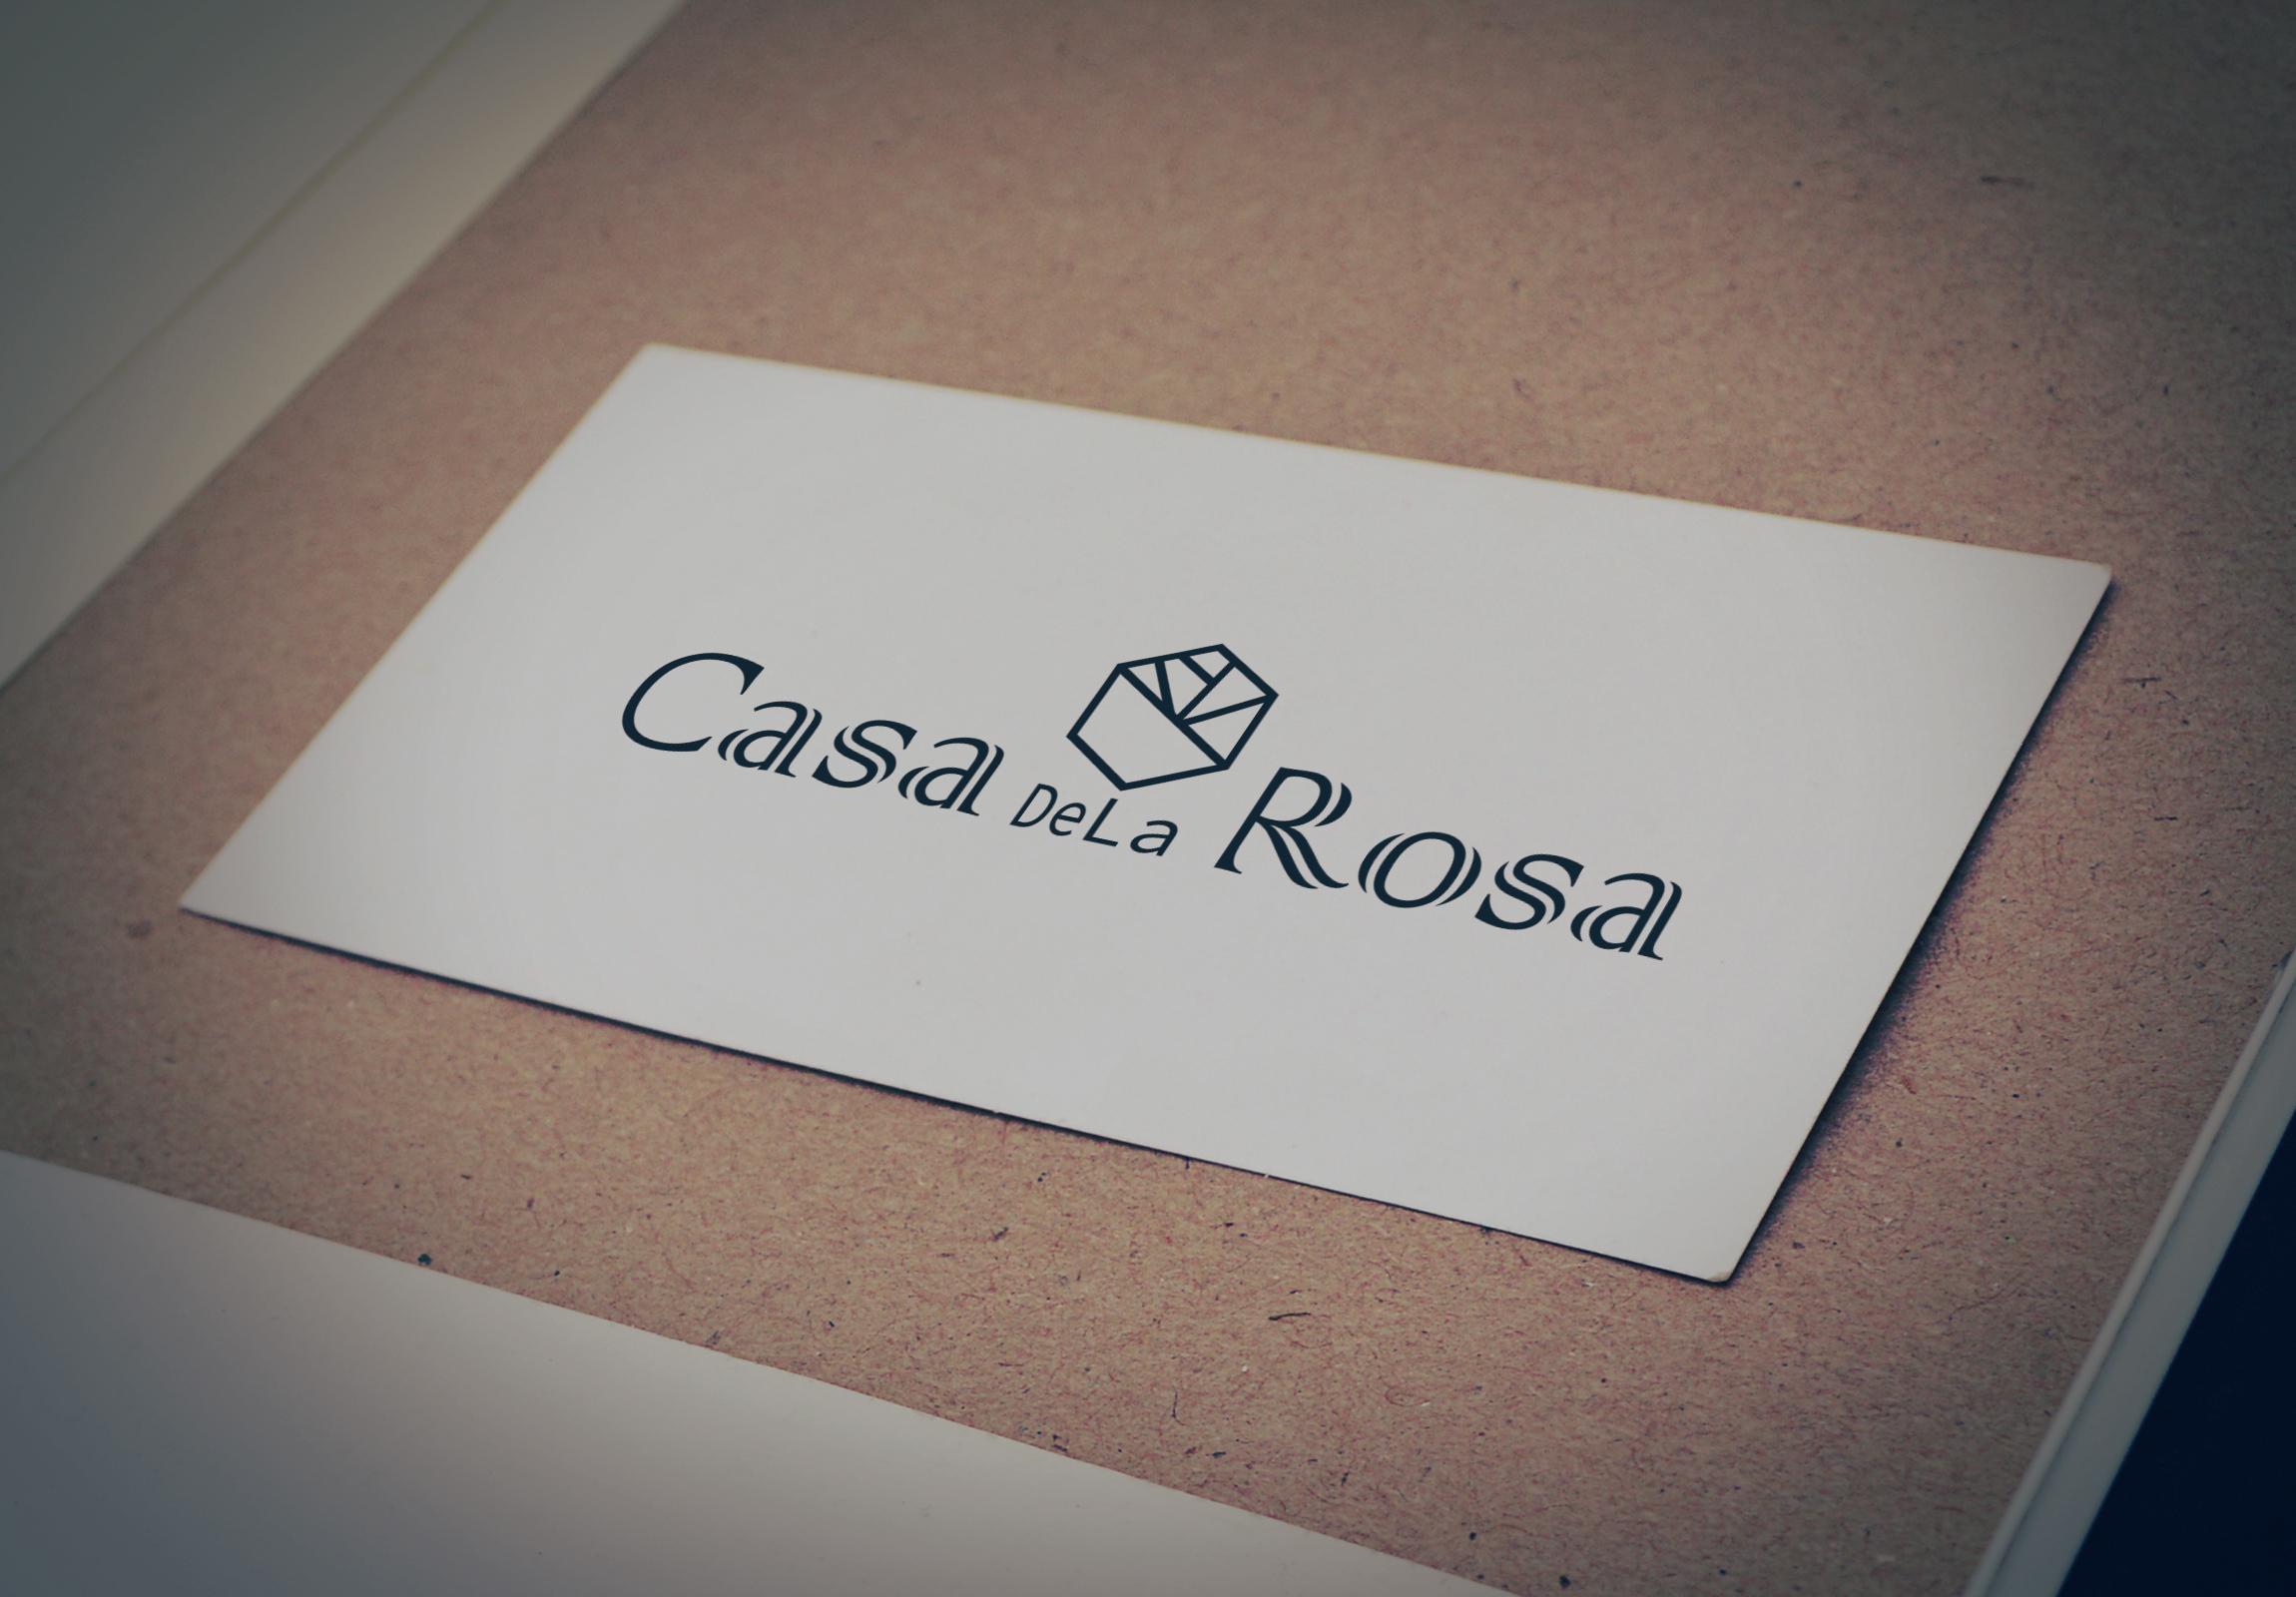 Логотип + Фирменный знак для элитного поселка Casa De La Rosa фото f_1215cd32249f06ba.jpg